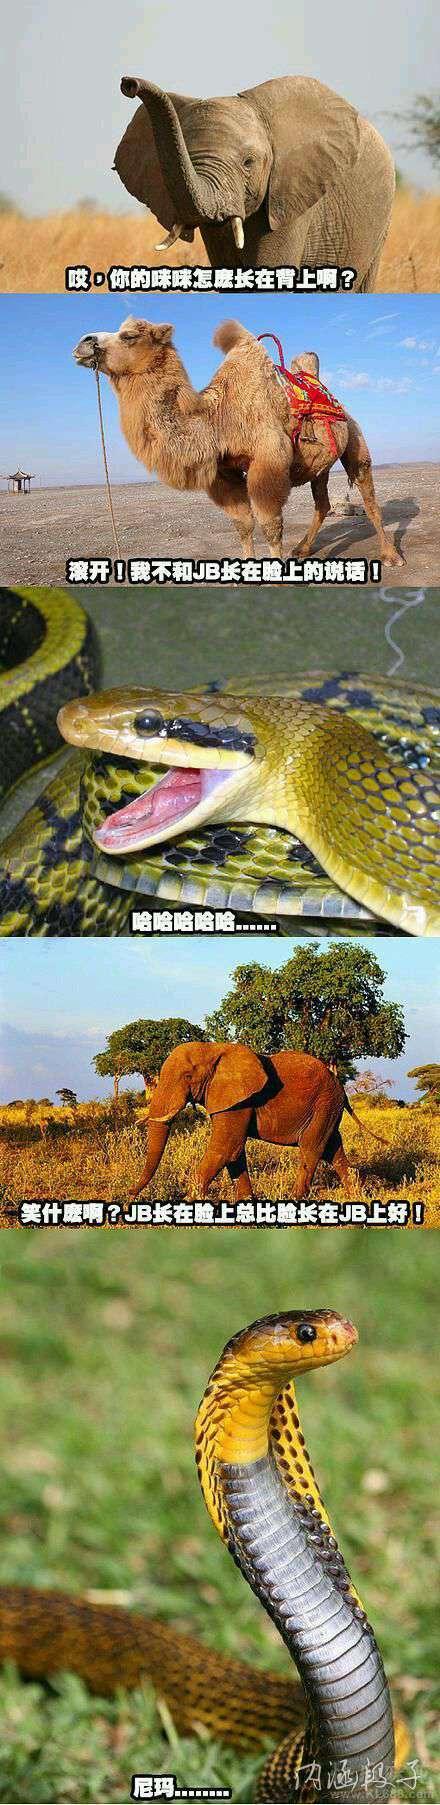 哈哈,我要是那只蛇我就去撞屎。。